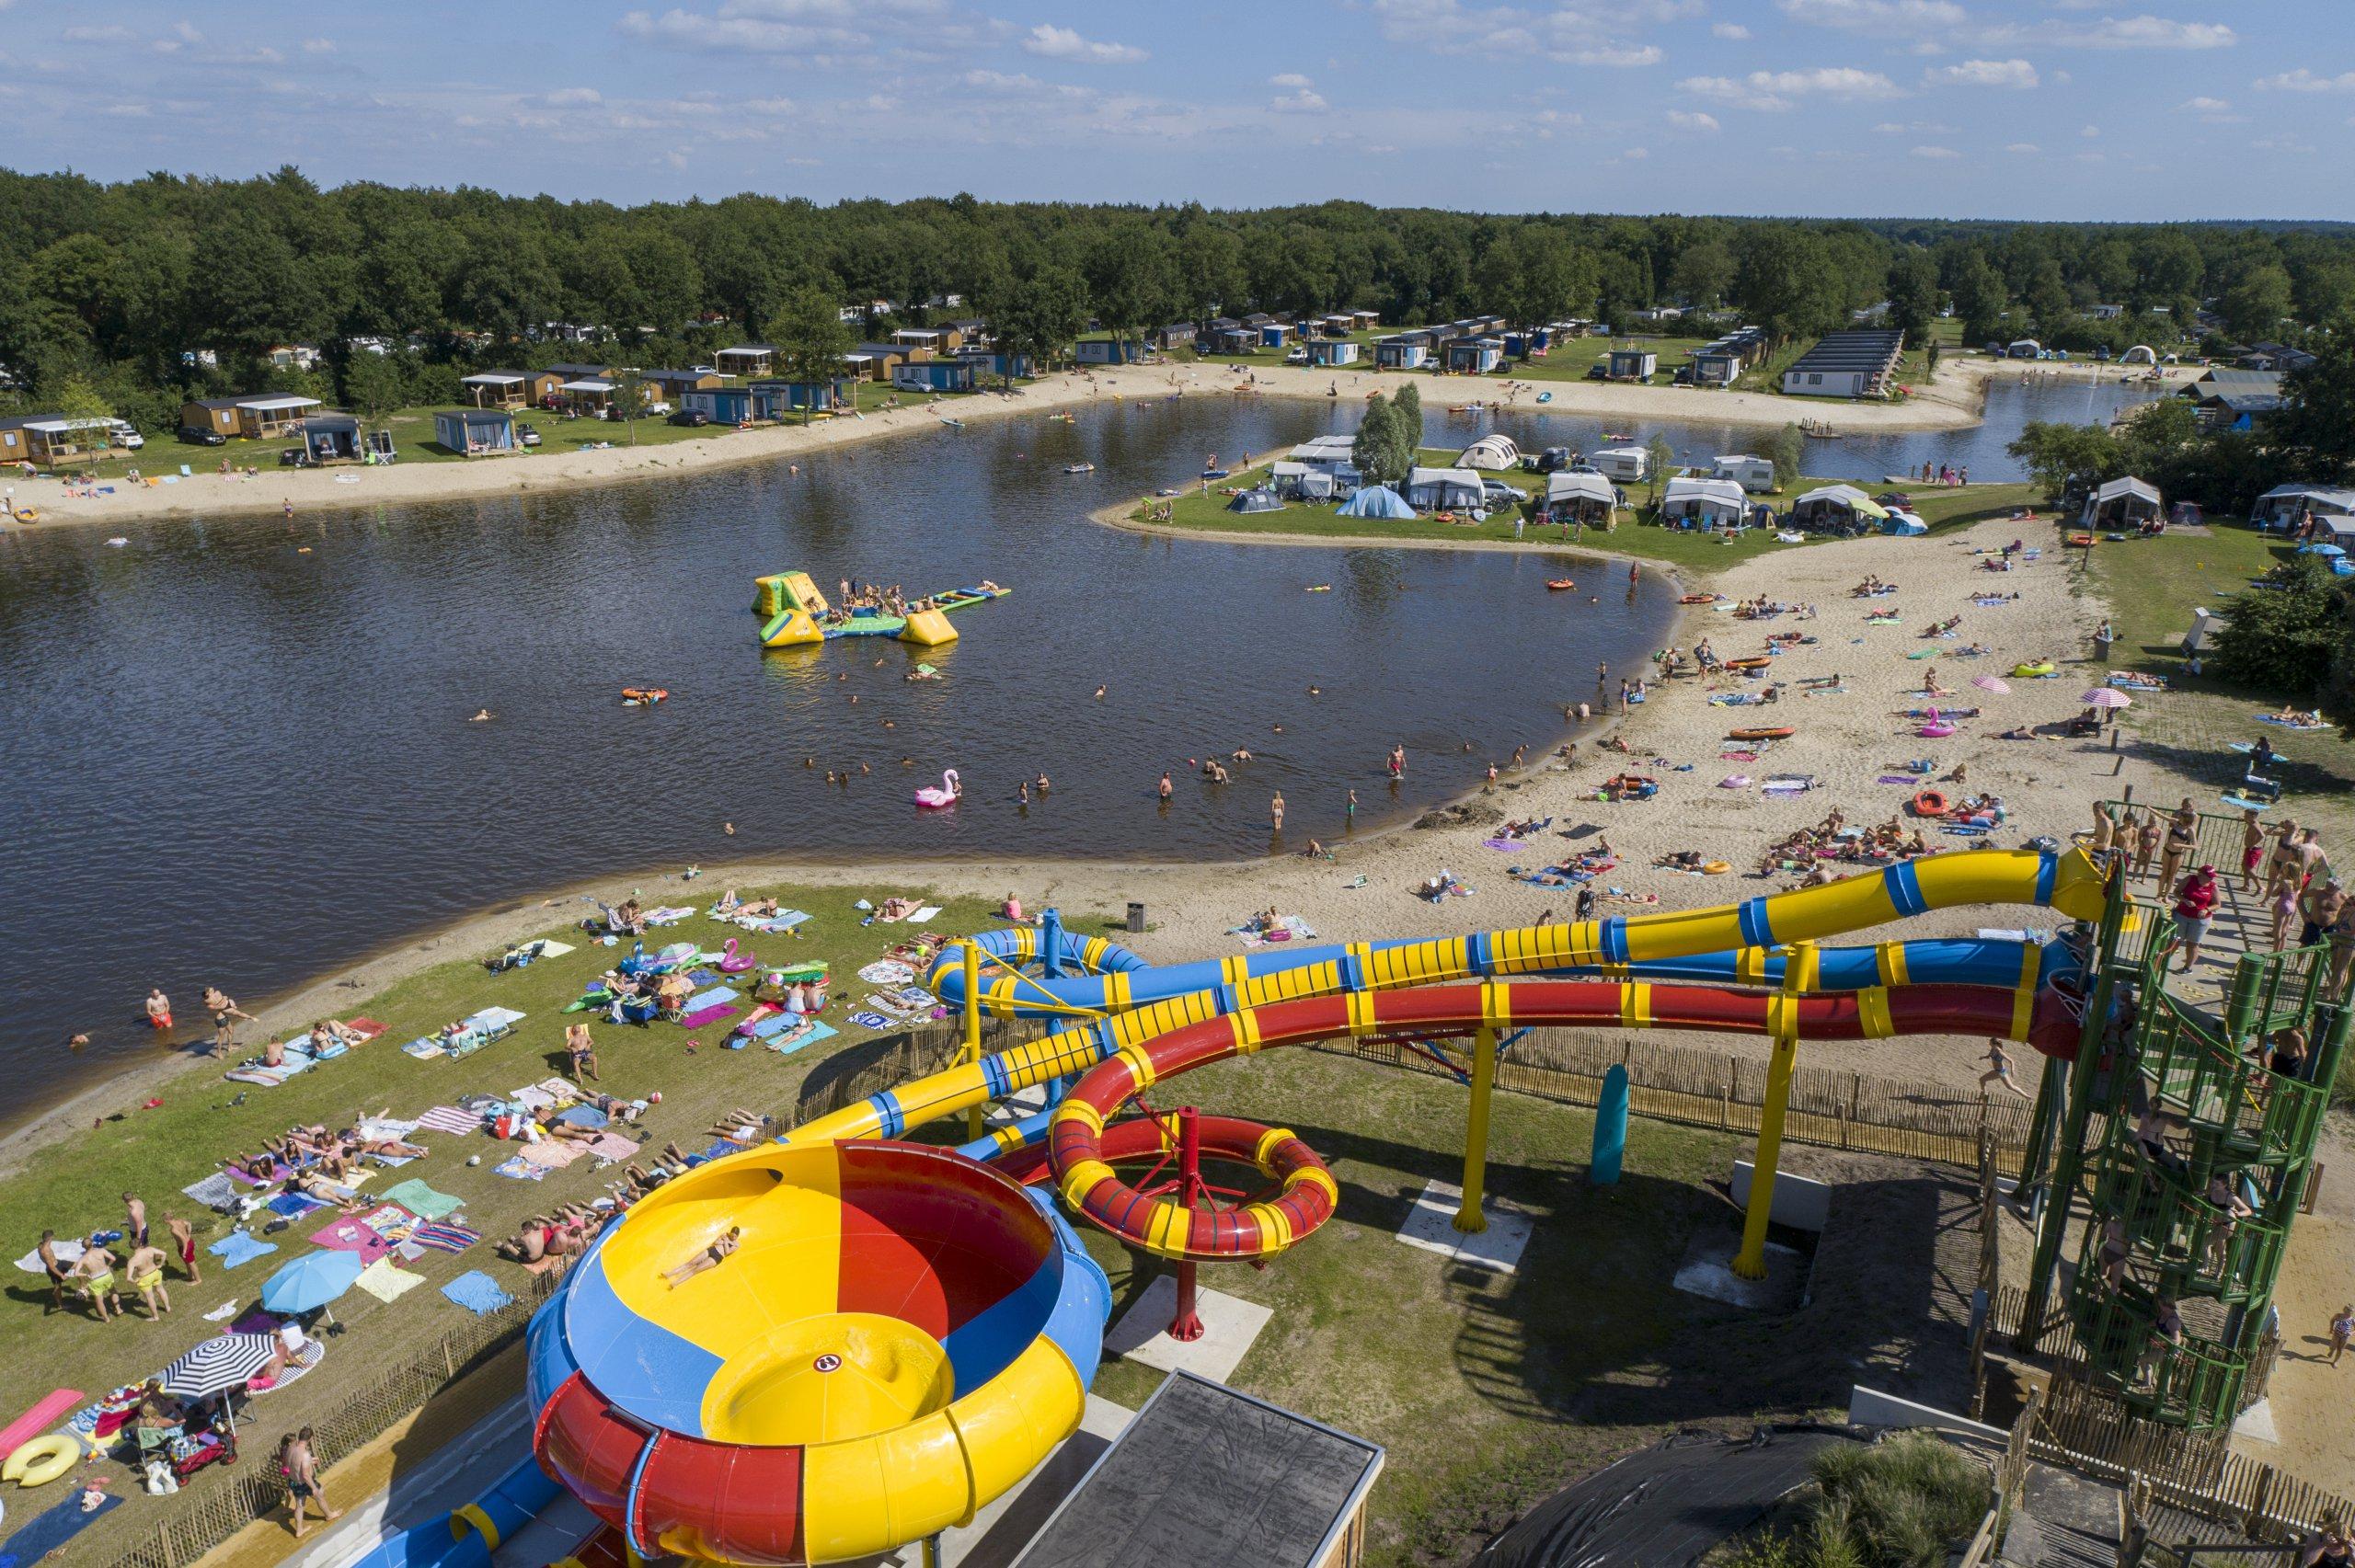 Vakantiepark met glijbanen - Vakantiepark met glijbanen